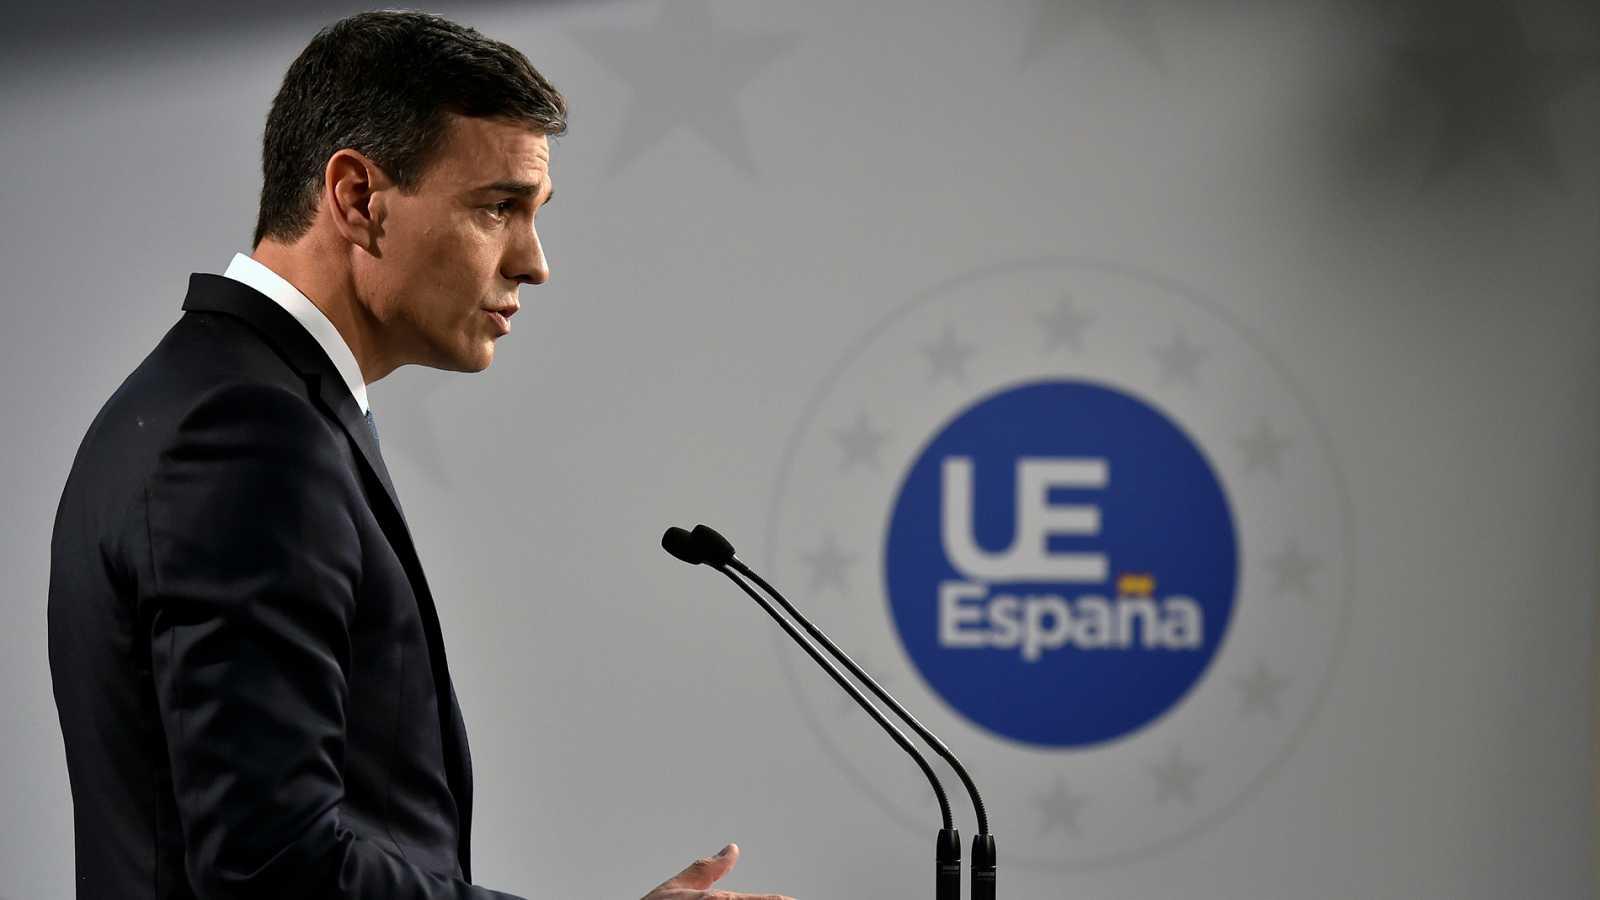 """Sánchez: """"Alemania se ha comprometido a prestar apoyo financiero y material a España como frontera exterior de la UE"""""""